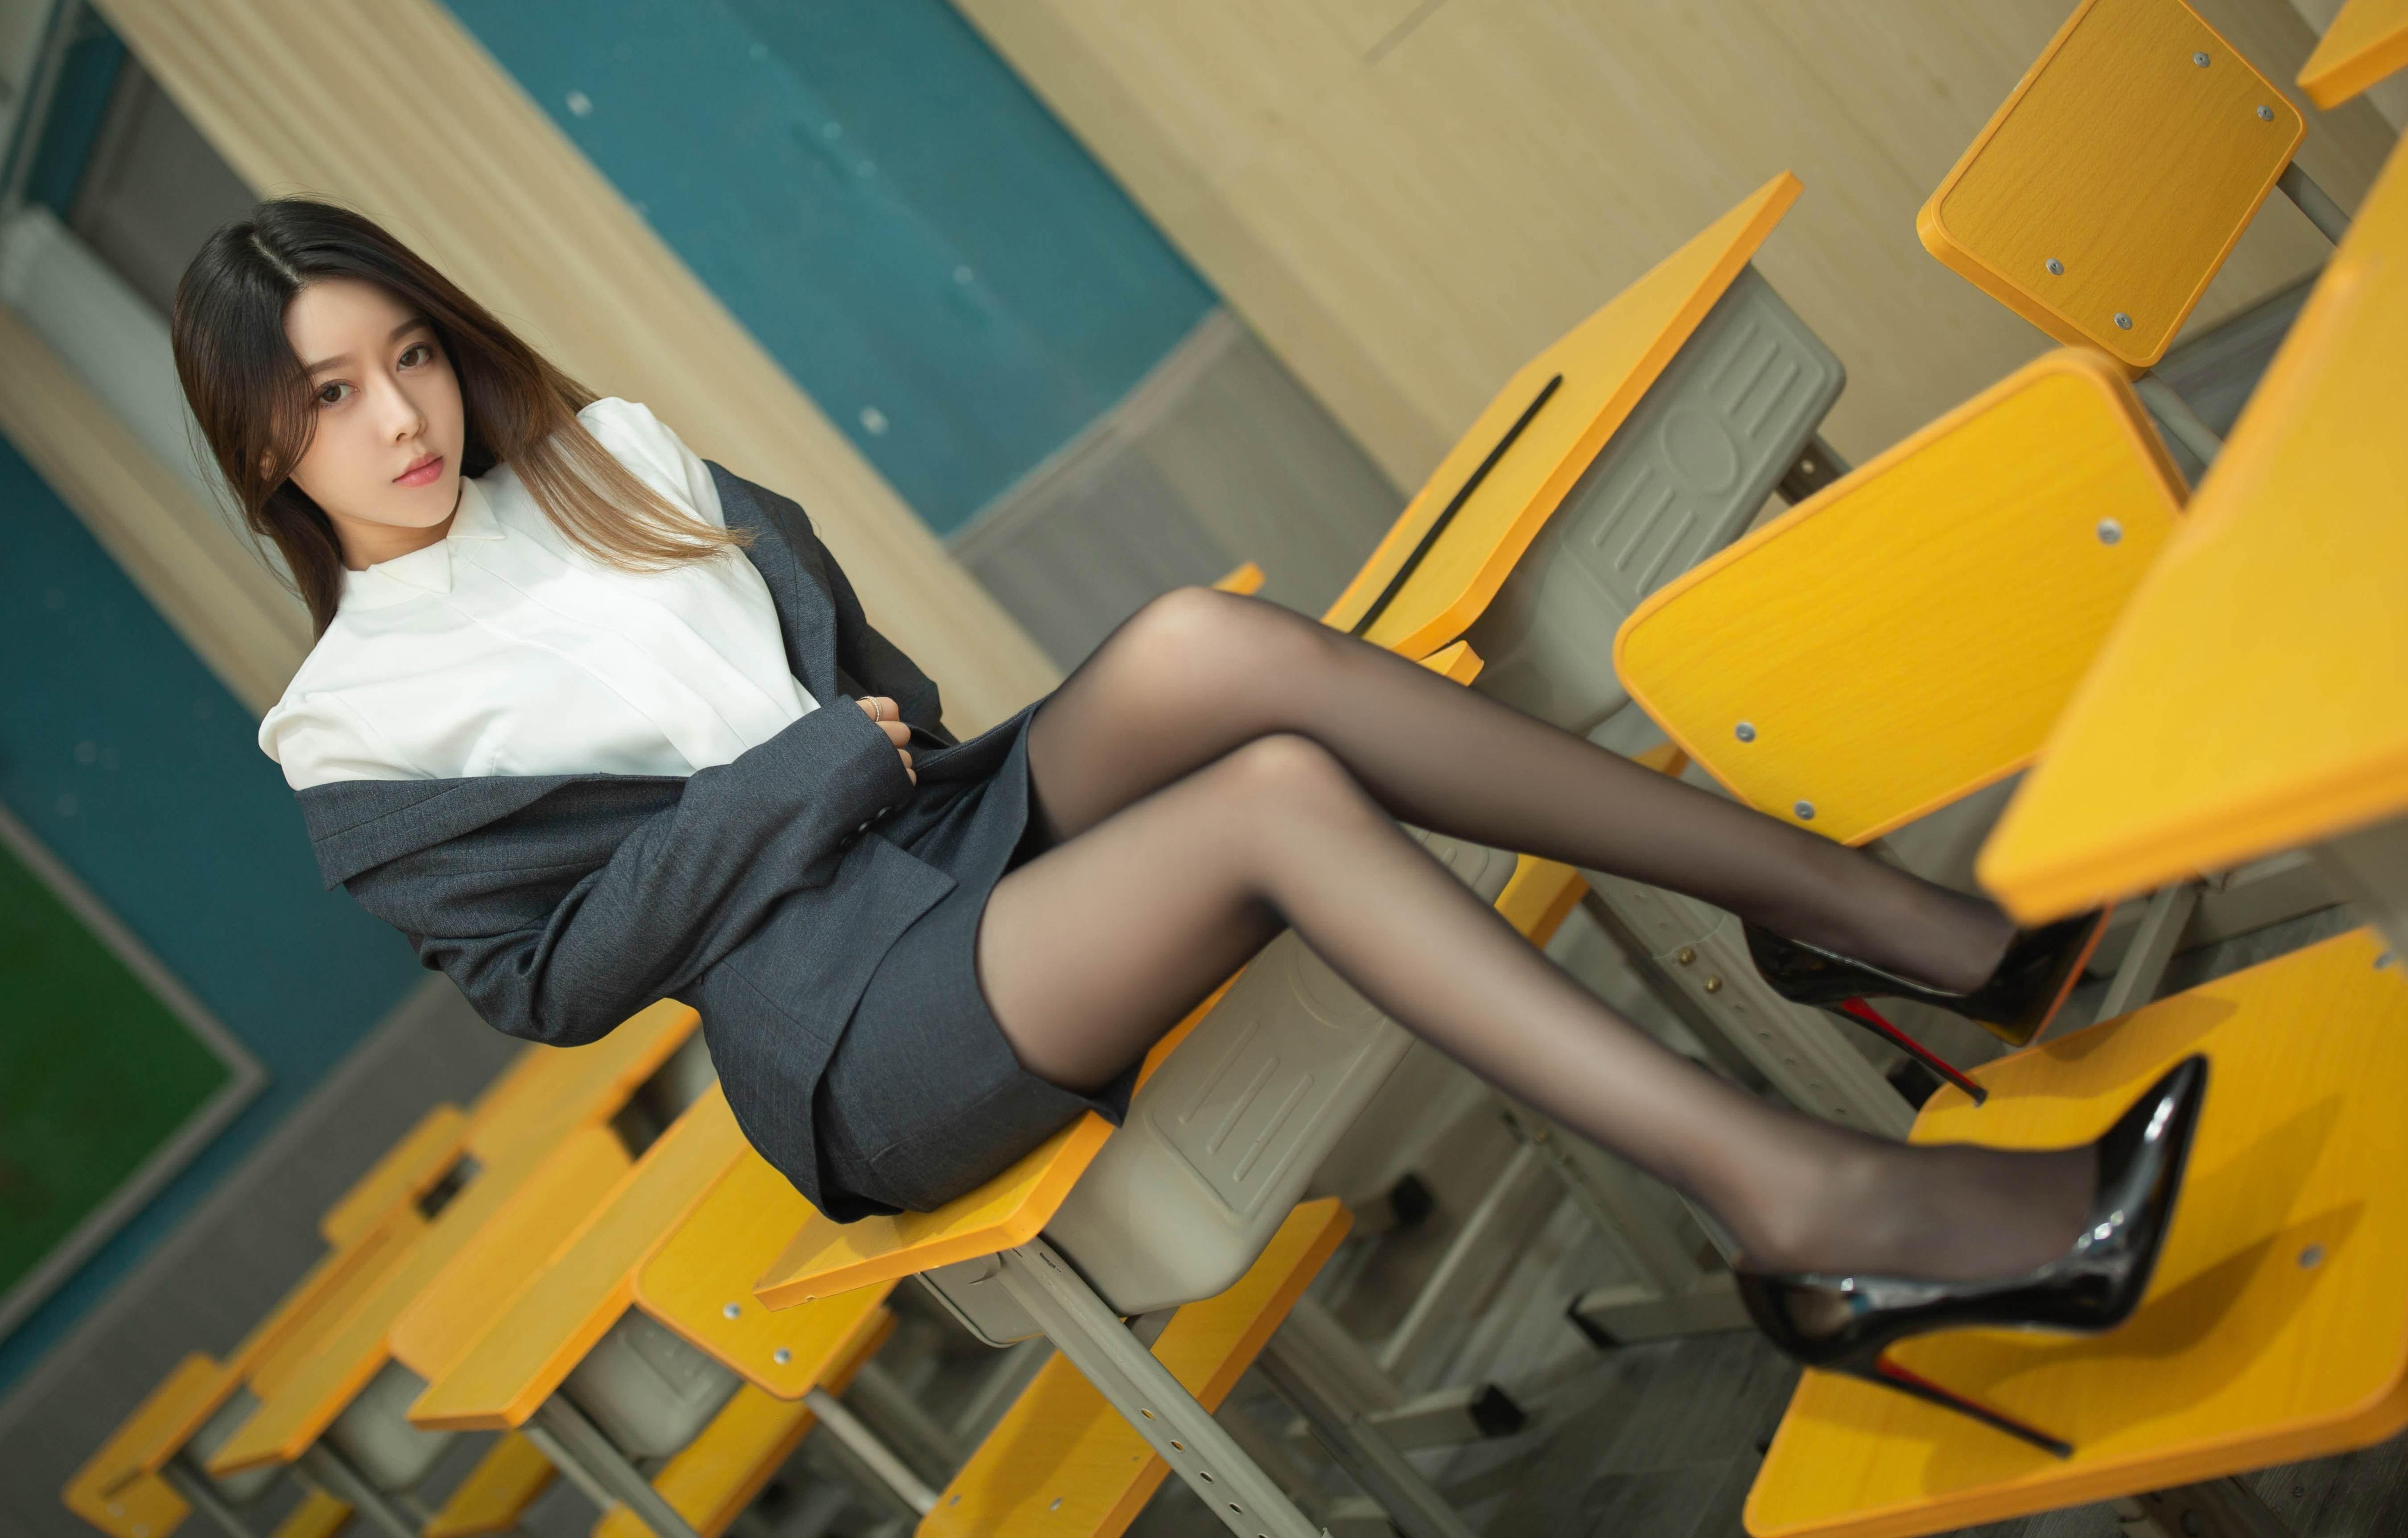 第2期黑丝职业装套图写真夏诗诗_图片5